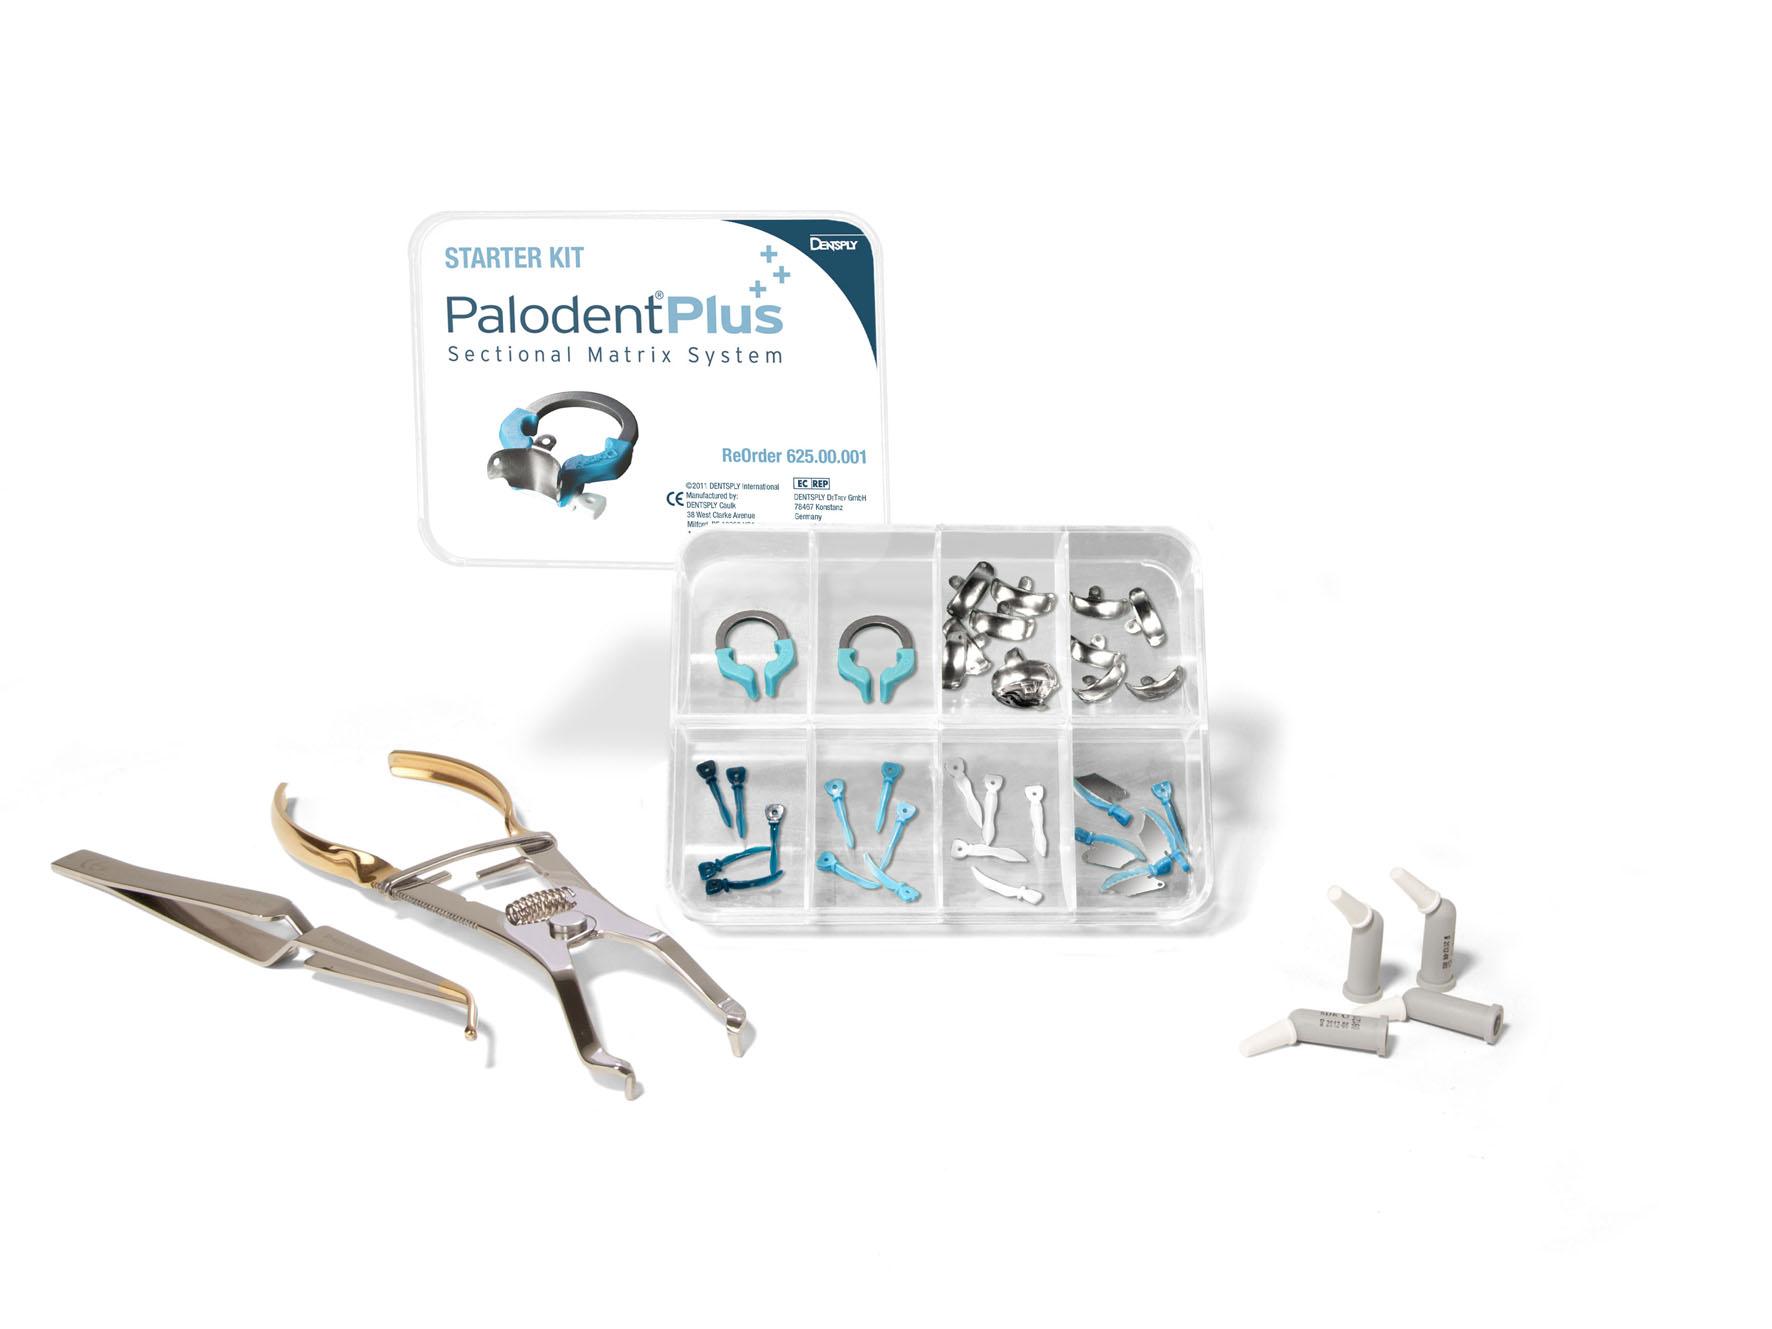 Ostes Palodent Plus neerukujuliste matriitside stardikomplekti, saate tasuta 10 kapslit SDR voolavat täidismaterjali !